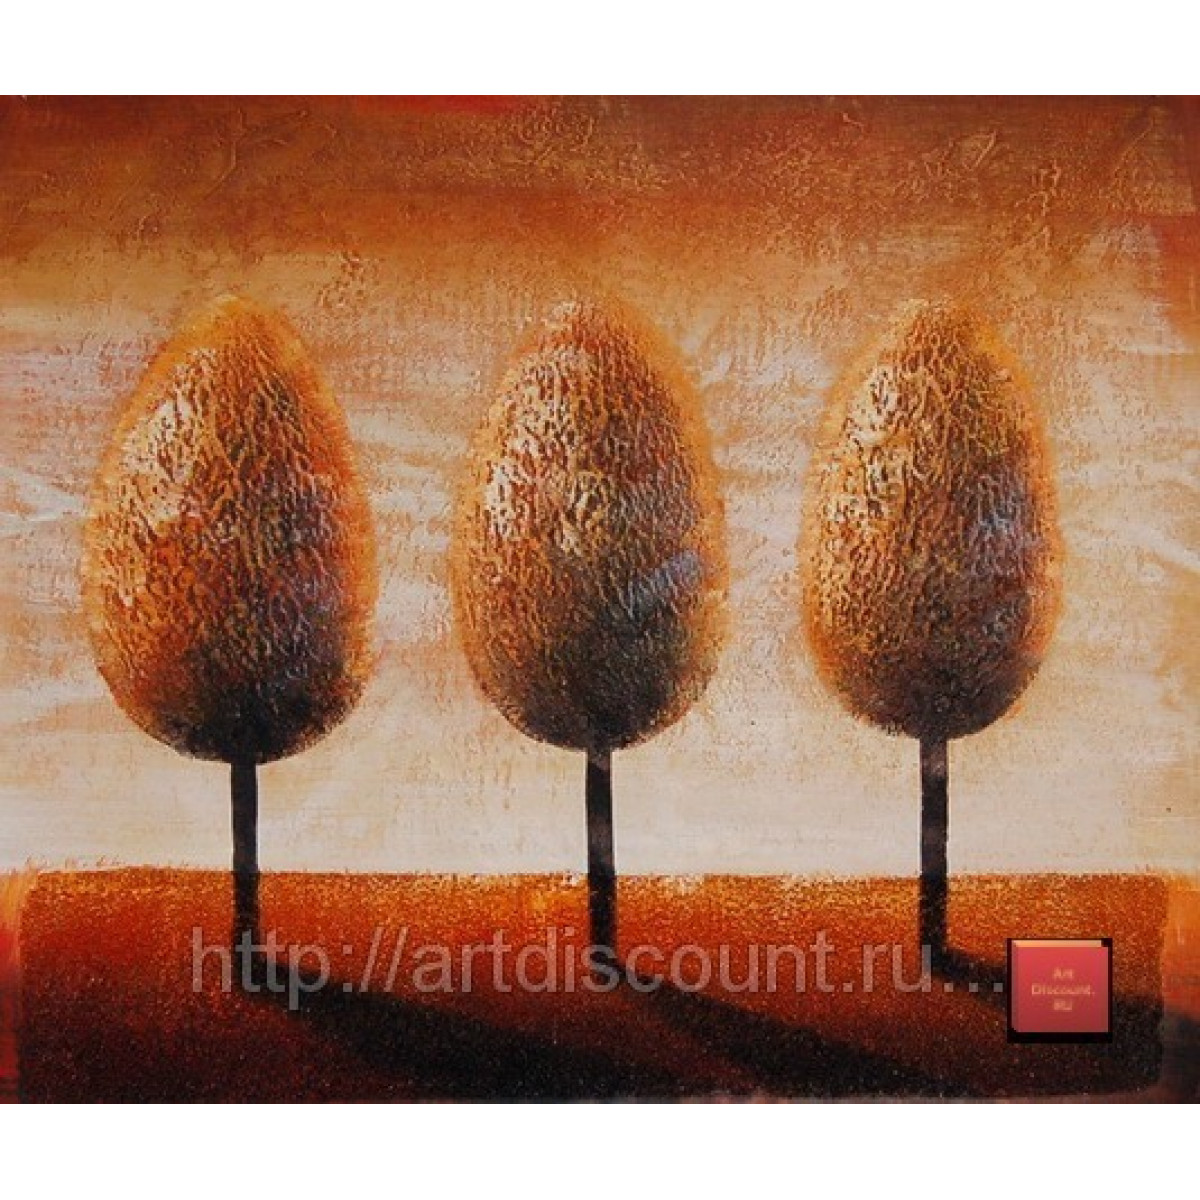 """Картина """"Три дерева"""" холст, масло, 50х60см"""